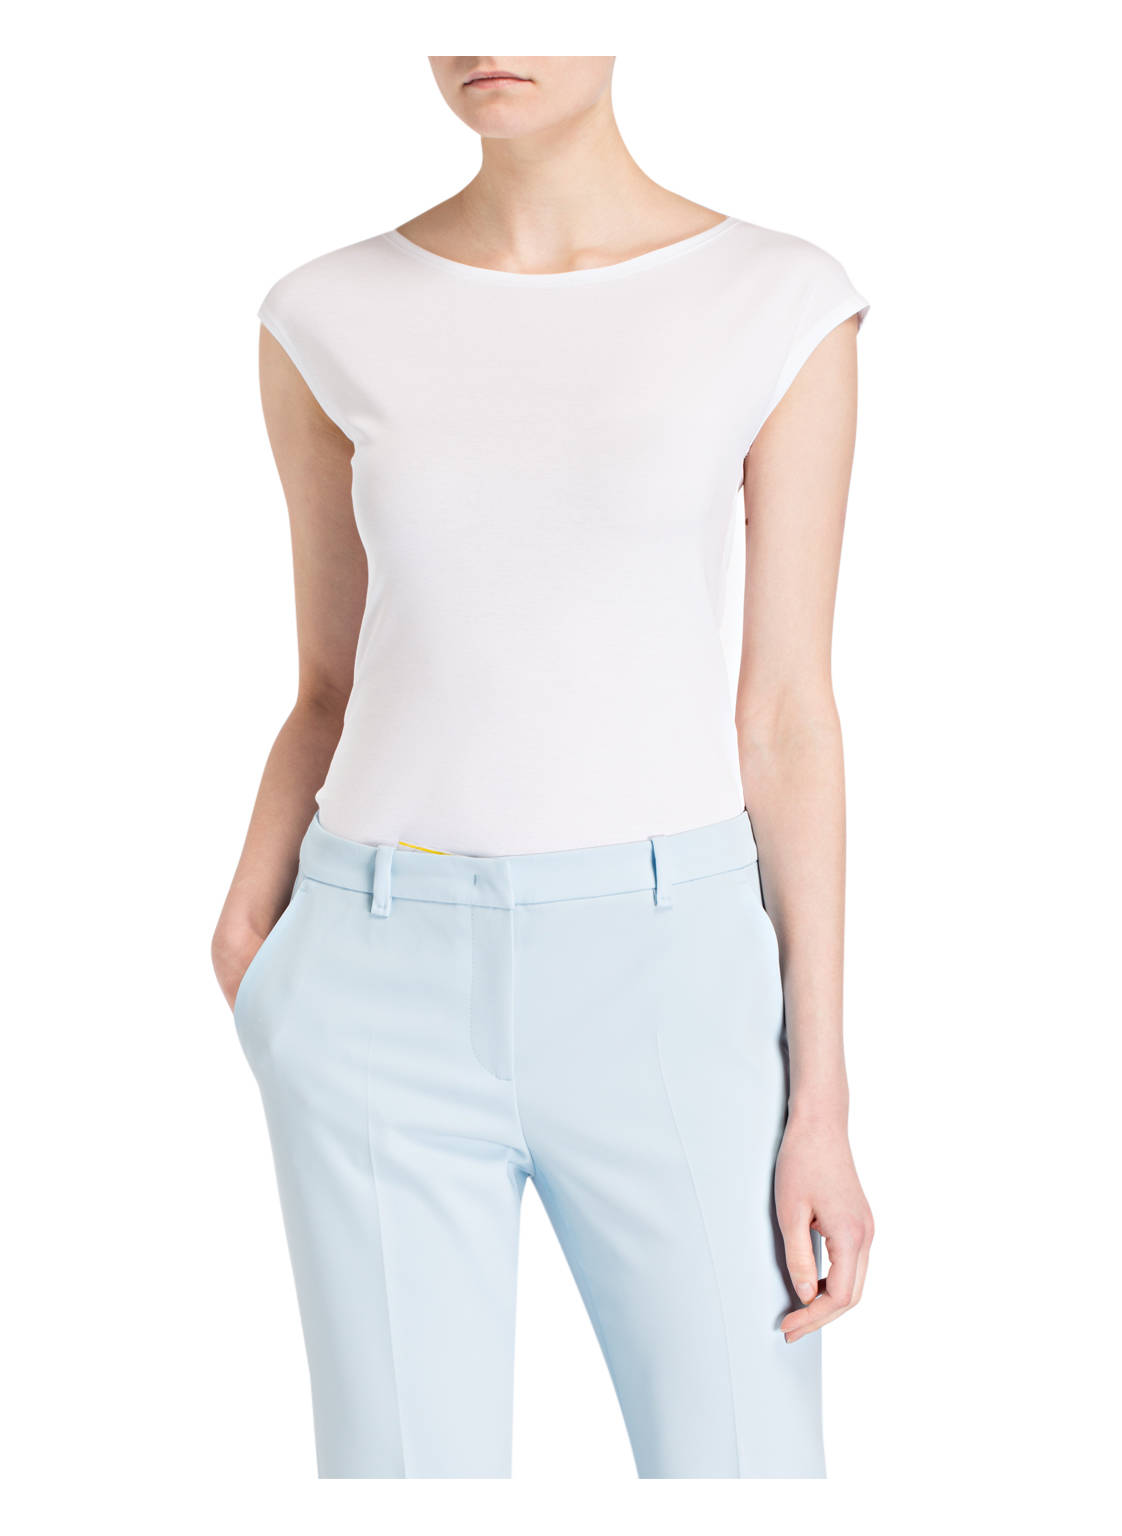 Damen Bekleidung T-Shirt von MARCCAIN